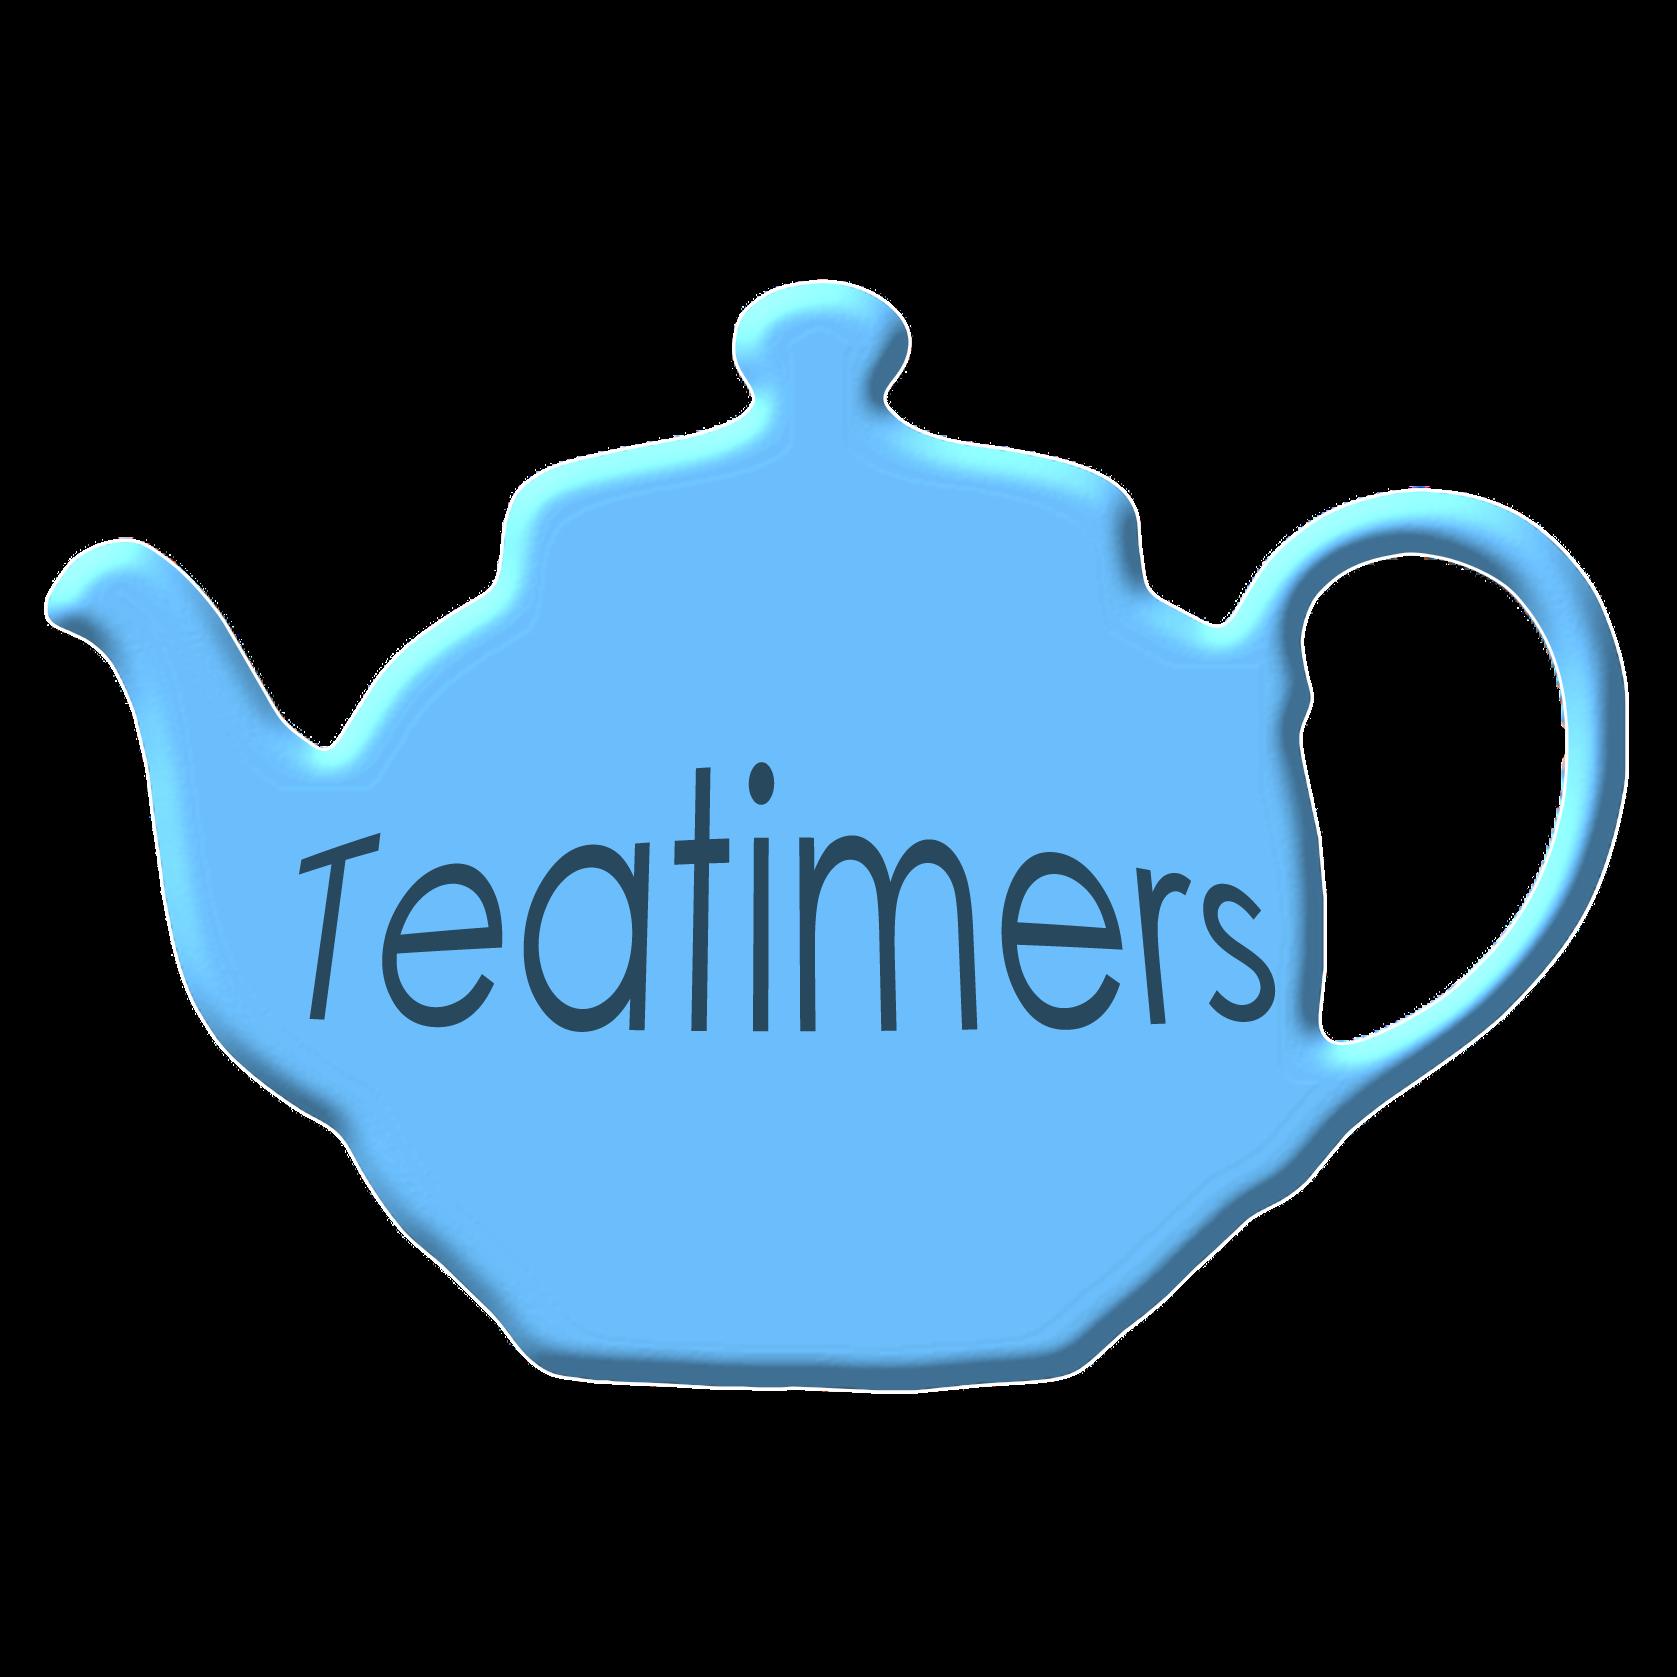 Teatimers